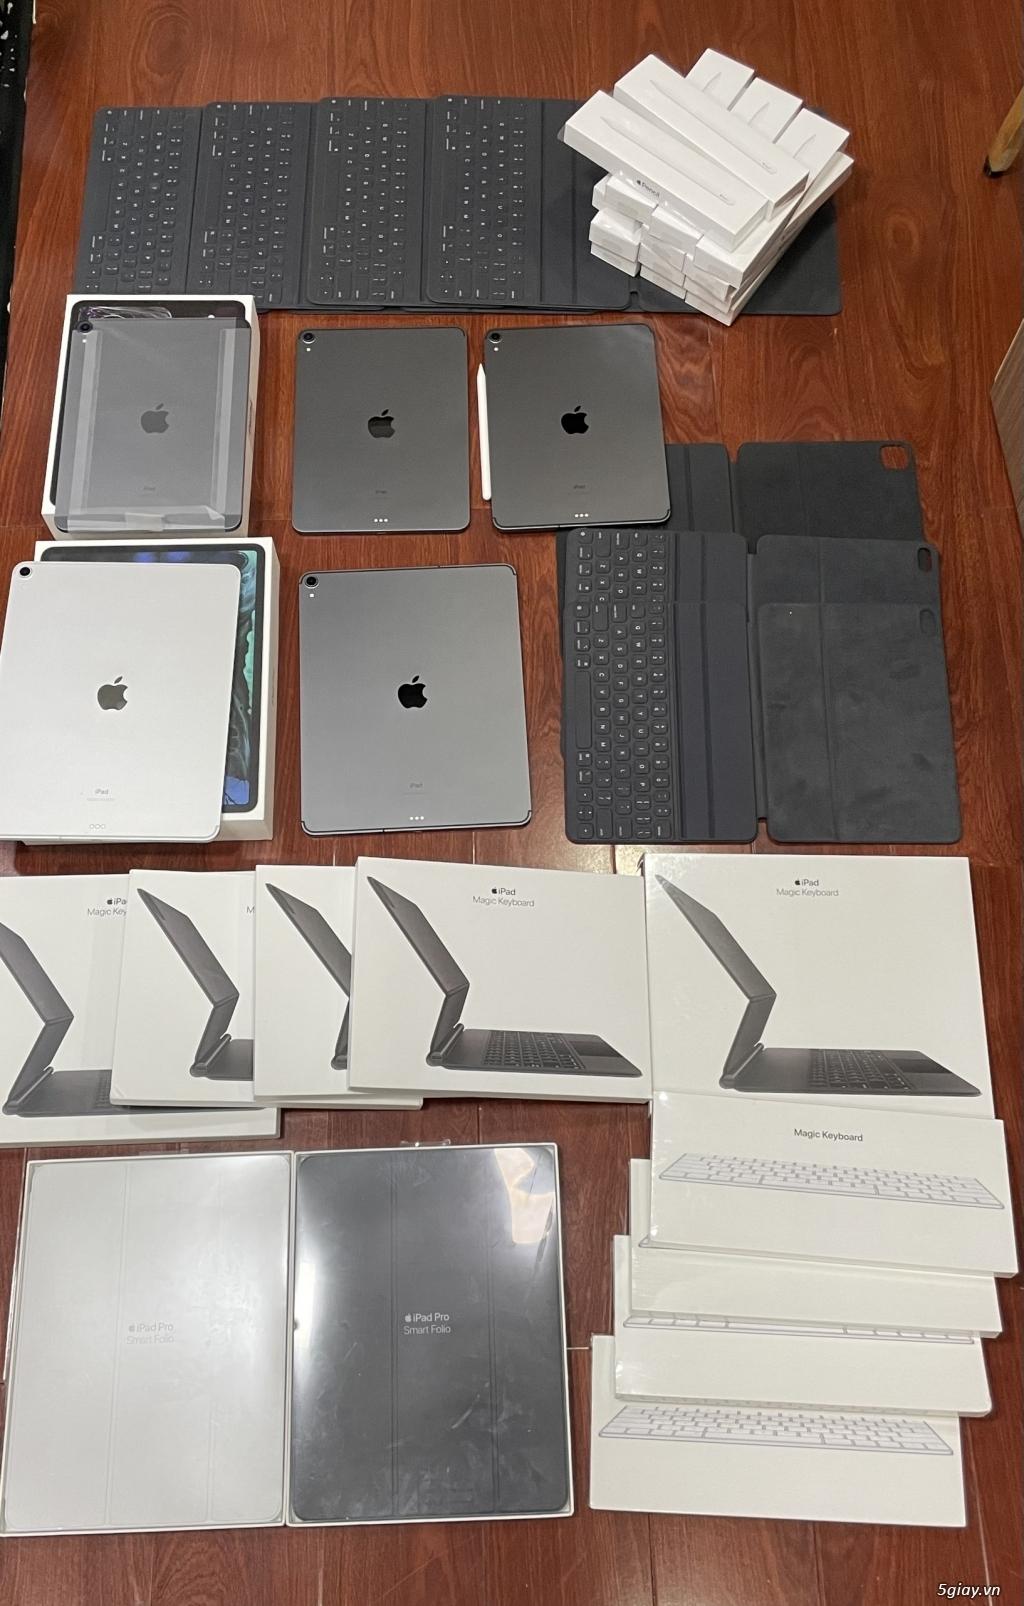 iPad Pro 2018 đã qua sử dụng - 1